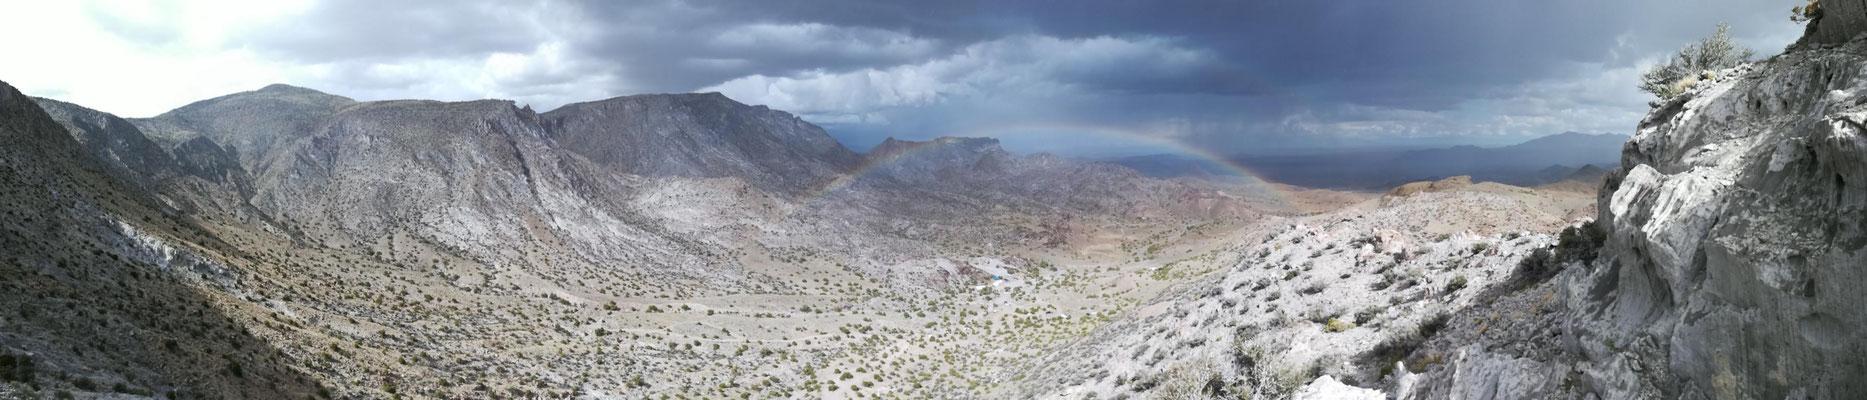 über dem Regenbogen